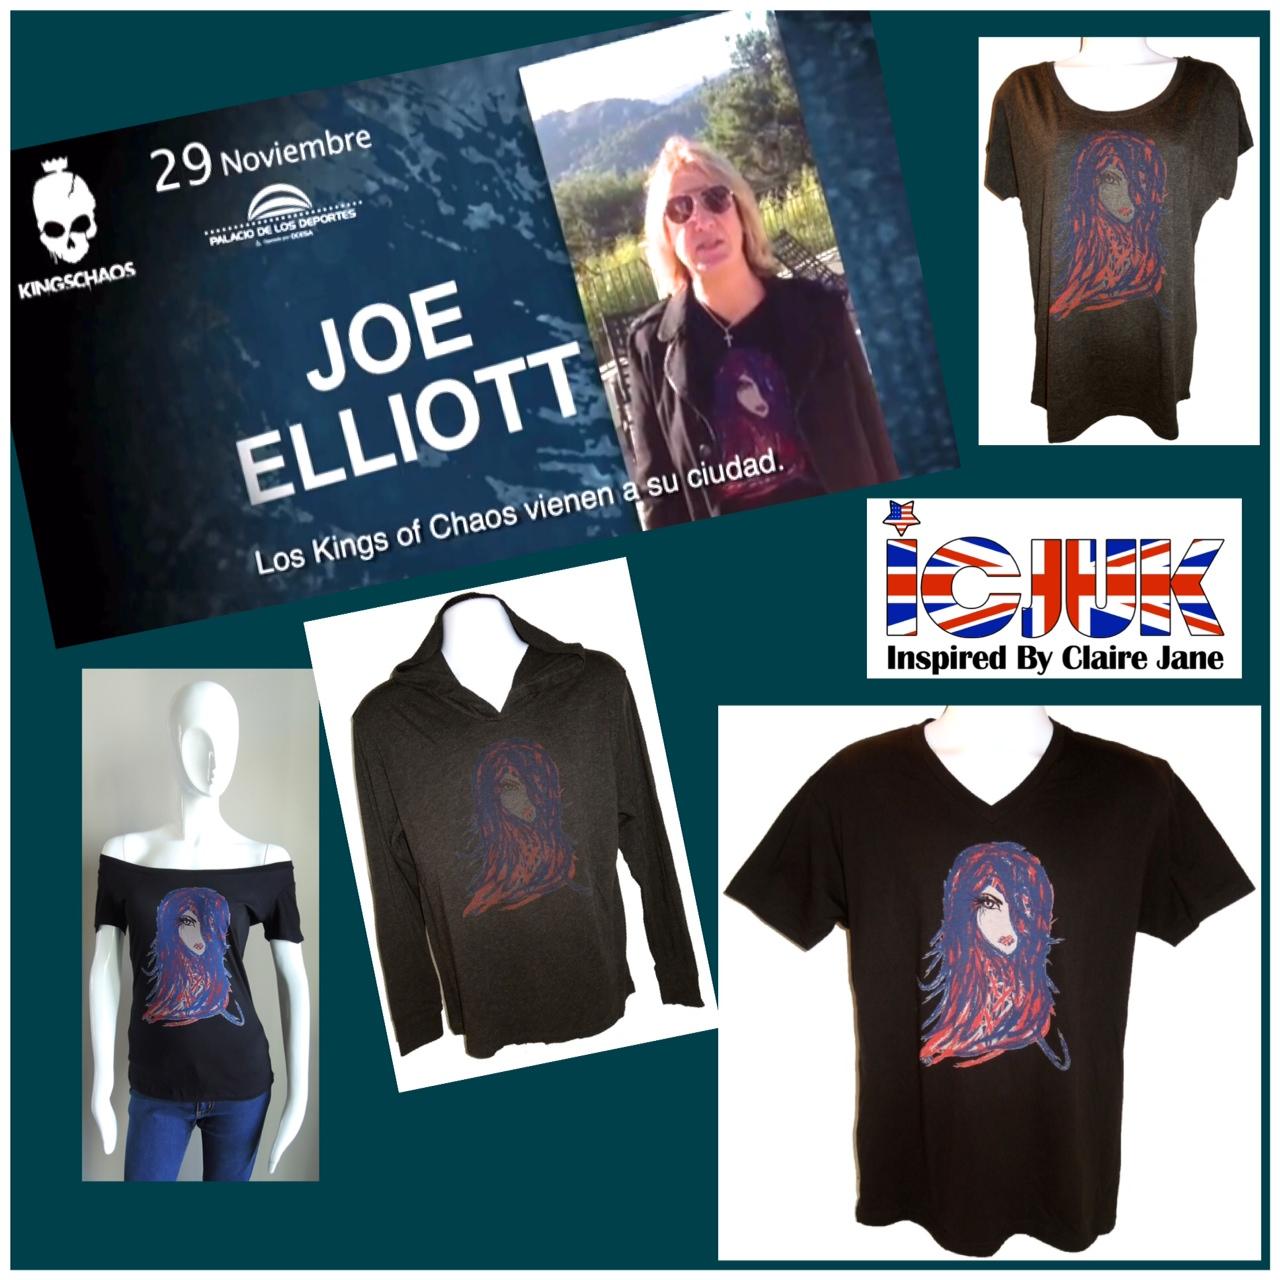 Joe Elliott in Flaire